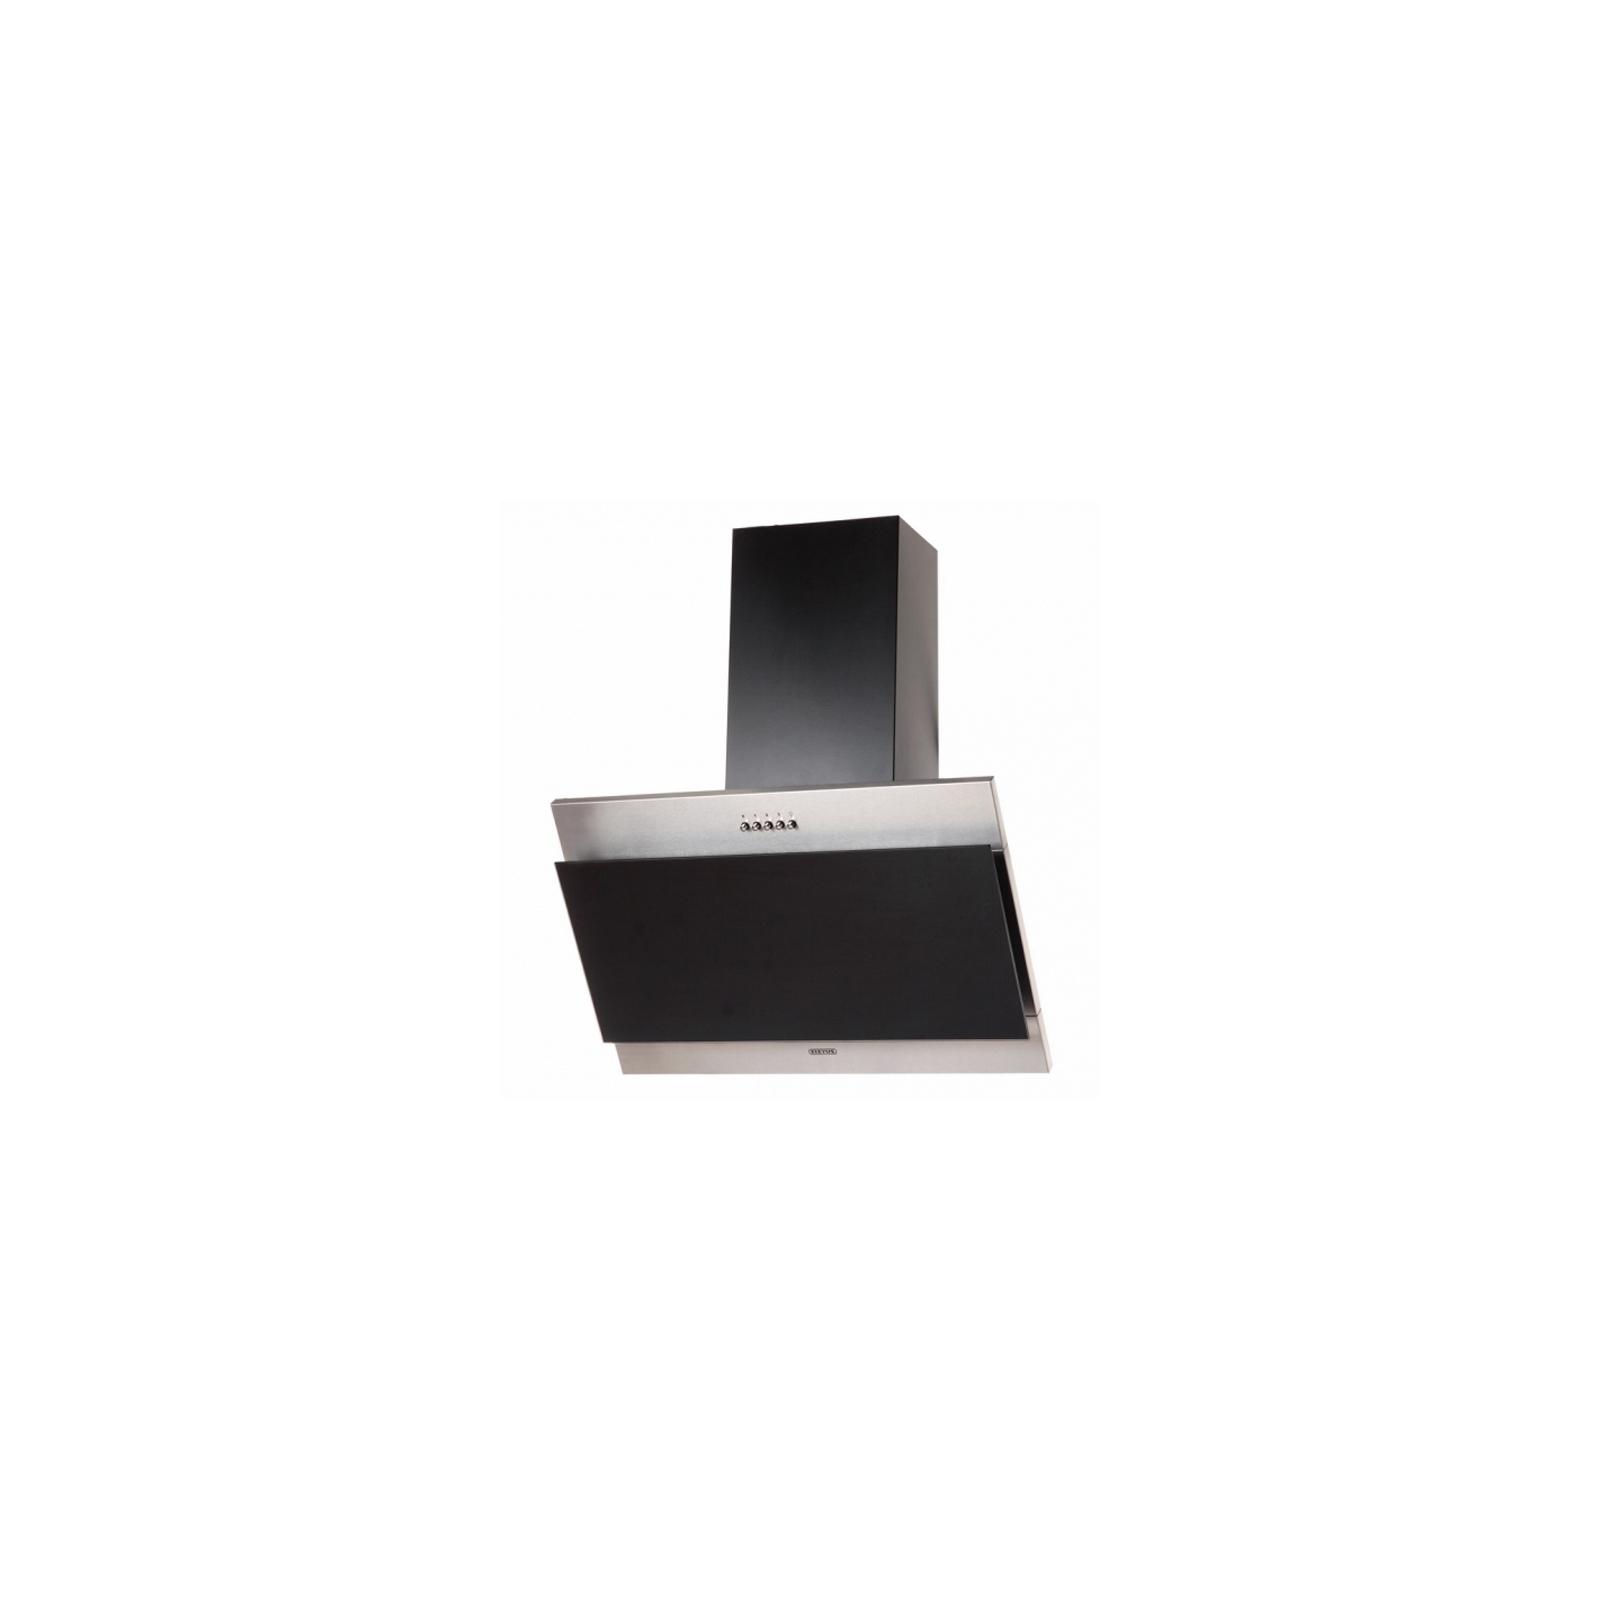 Вытяжка кухонная Eleyus Lana 700 60 IS+BL